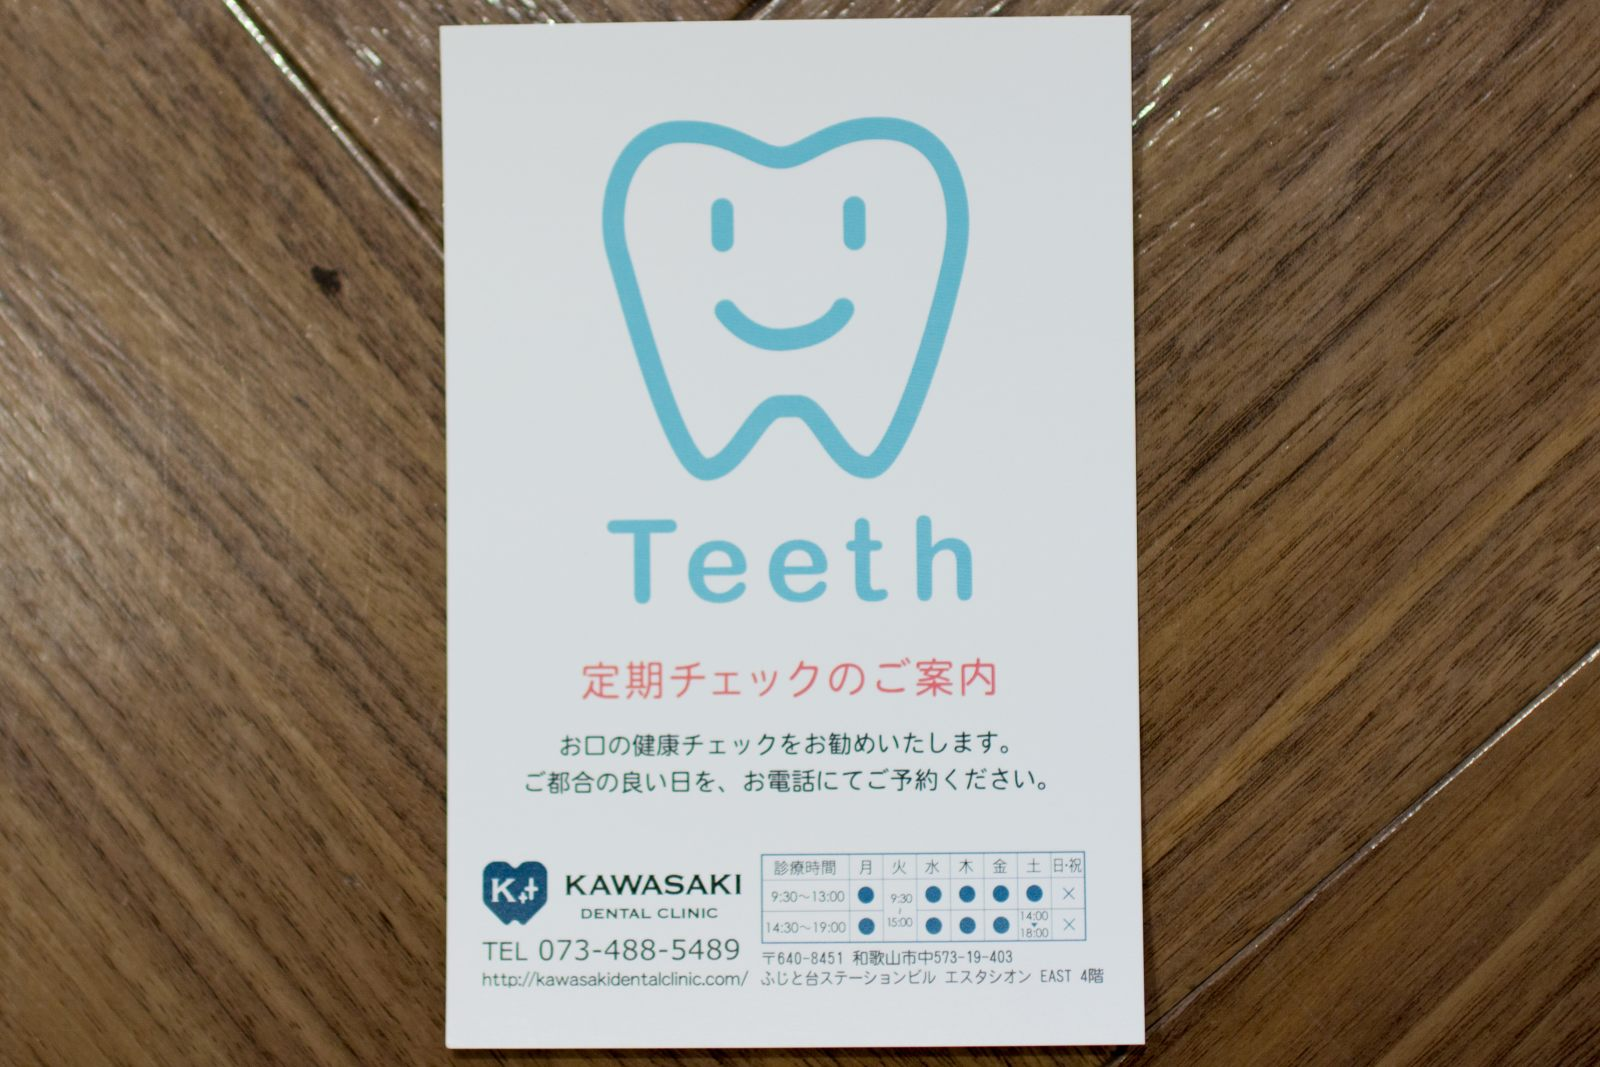 かわさきデンタルクリニックからお送りしている歯科検診のお知らせハガキ